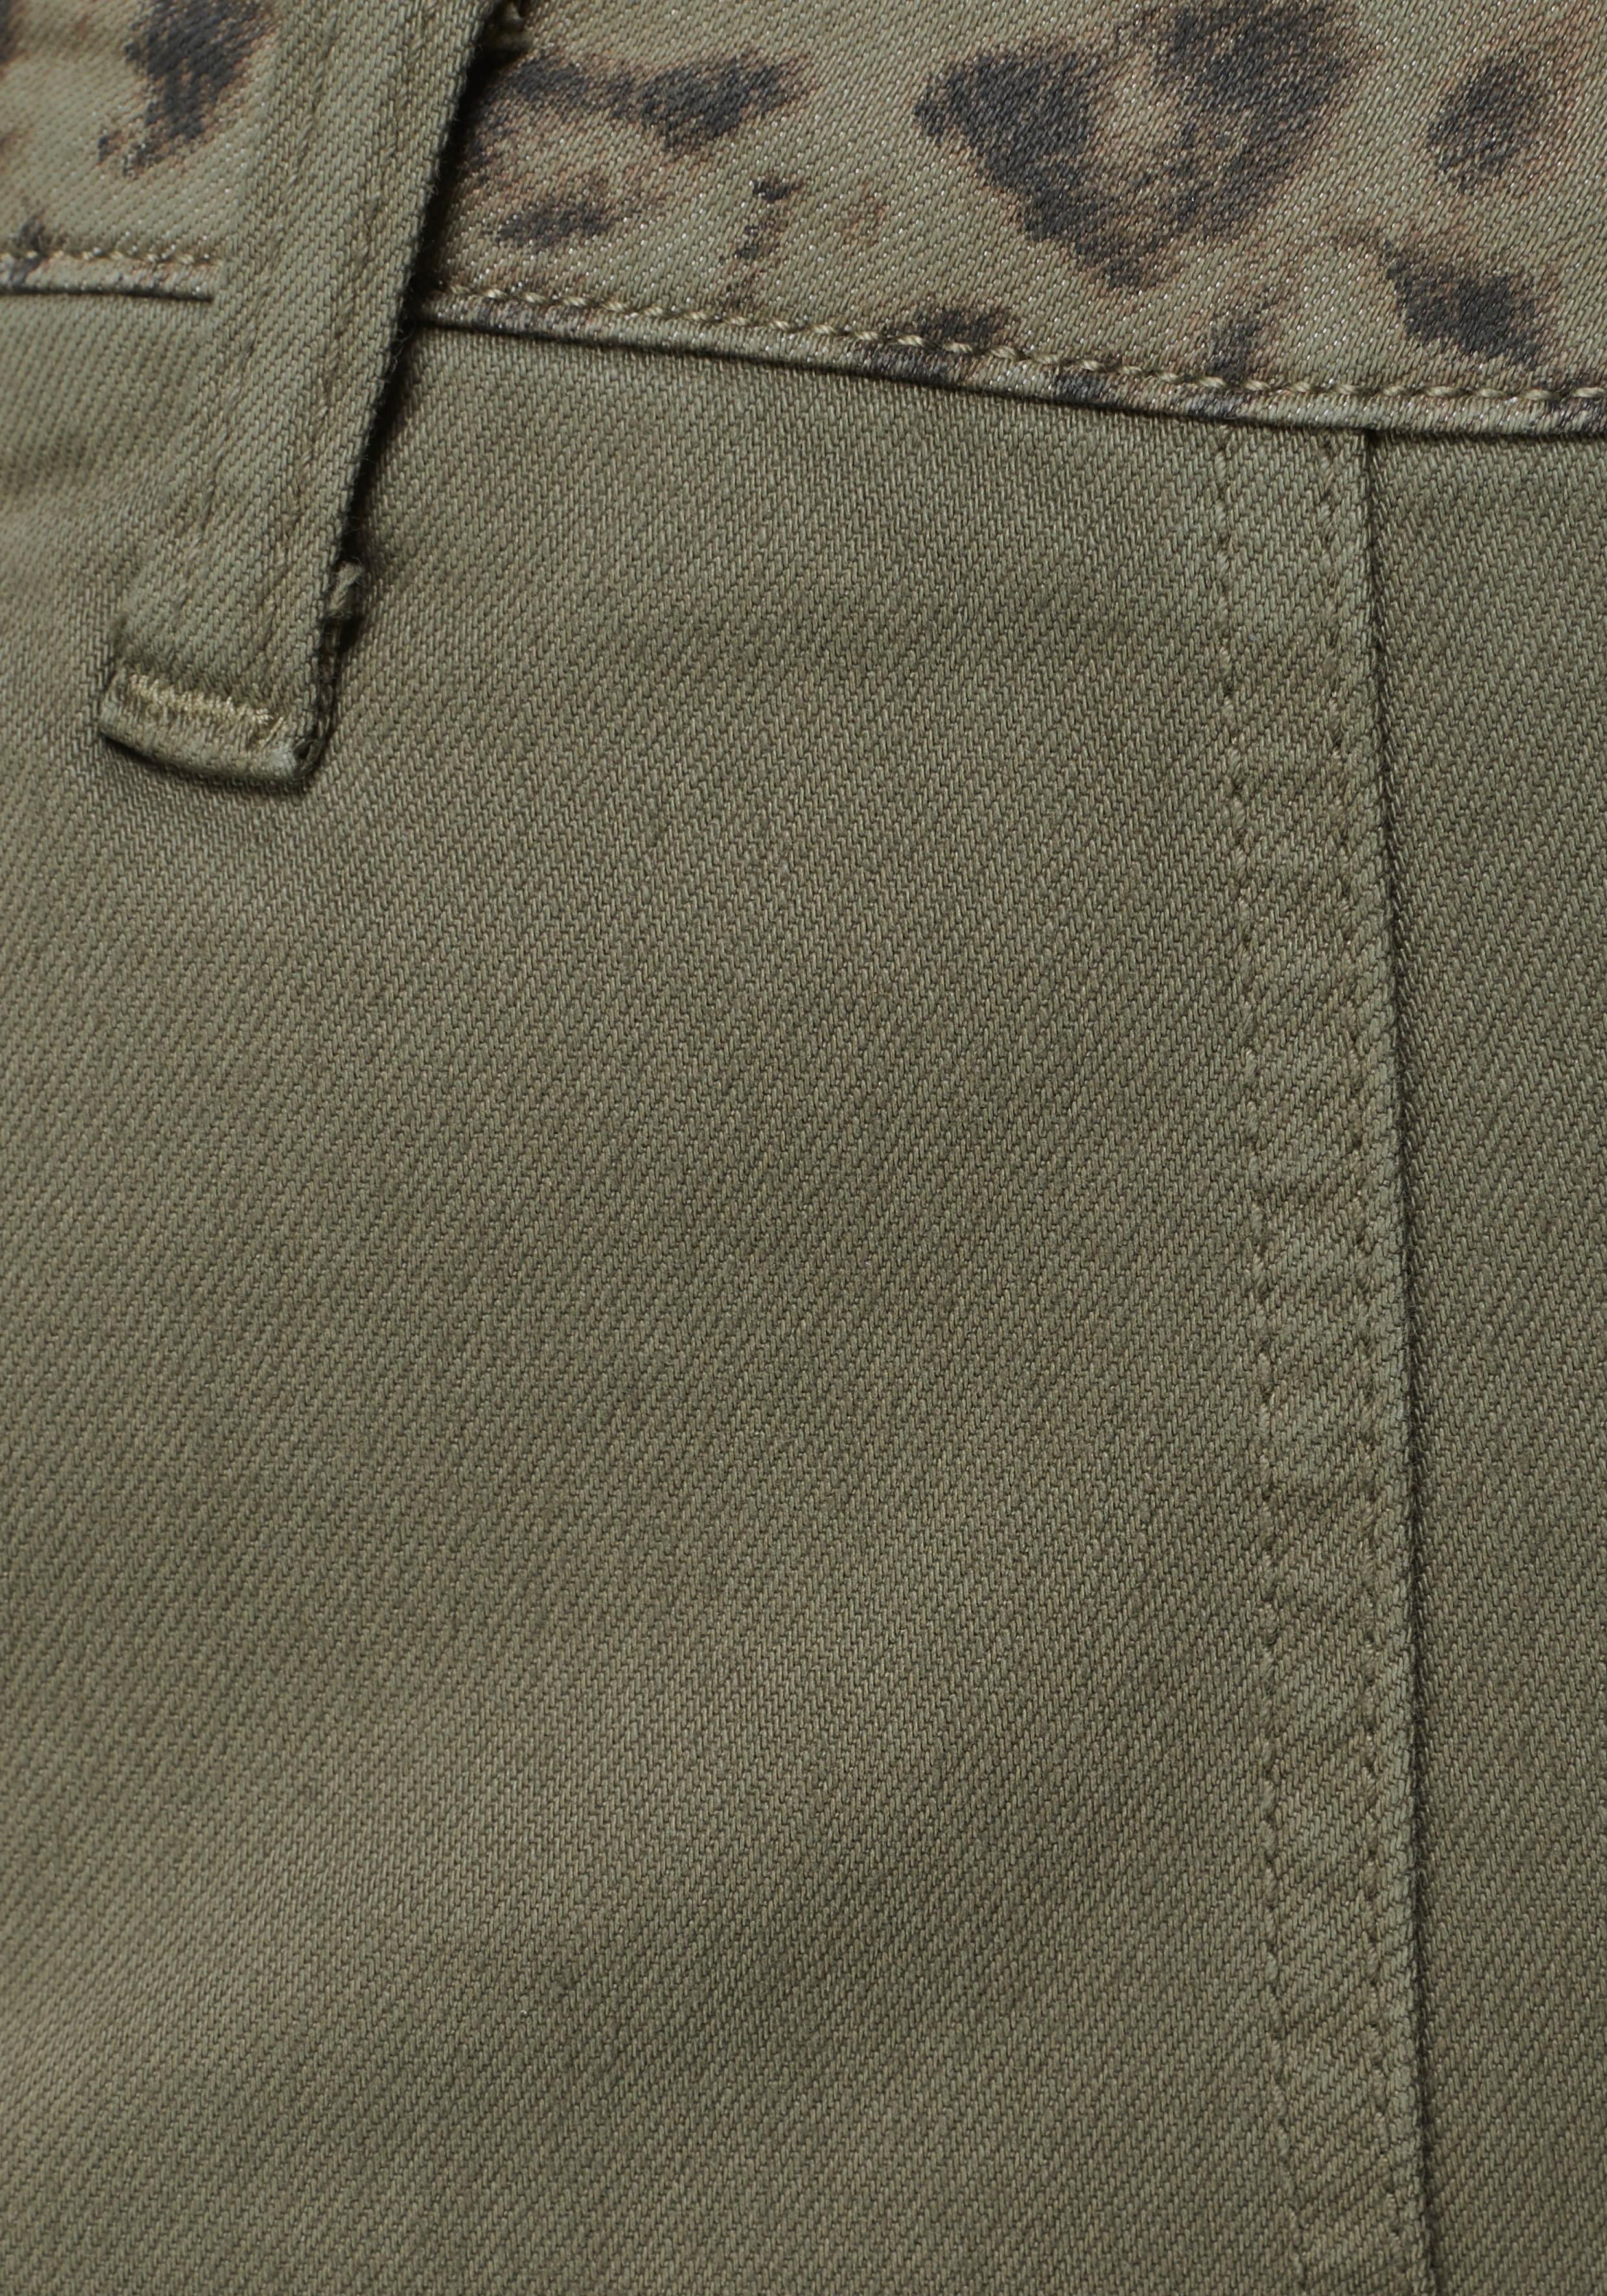 Please Jeans Makkelijk Jeans Please Please Cargobroekp12n Besteld Makkelijk Jeans Besteld Cargobroekp12n bfy7Y6gv